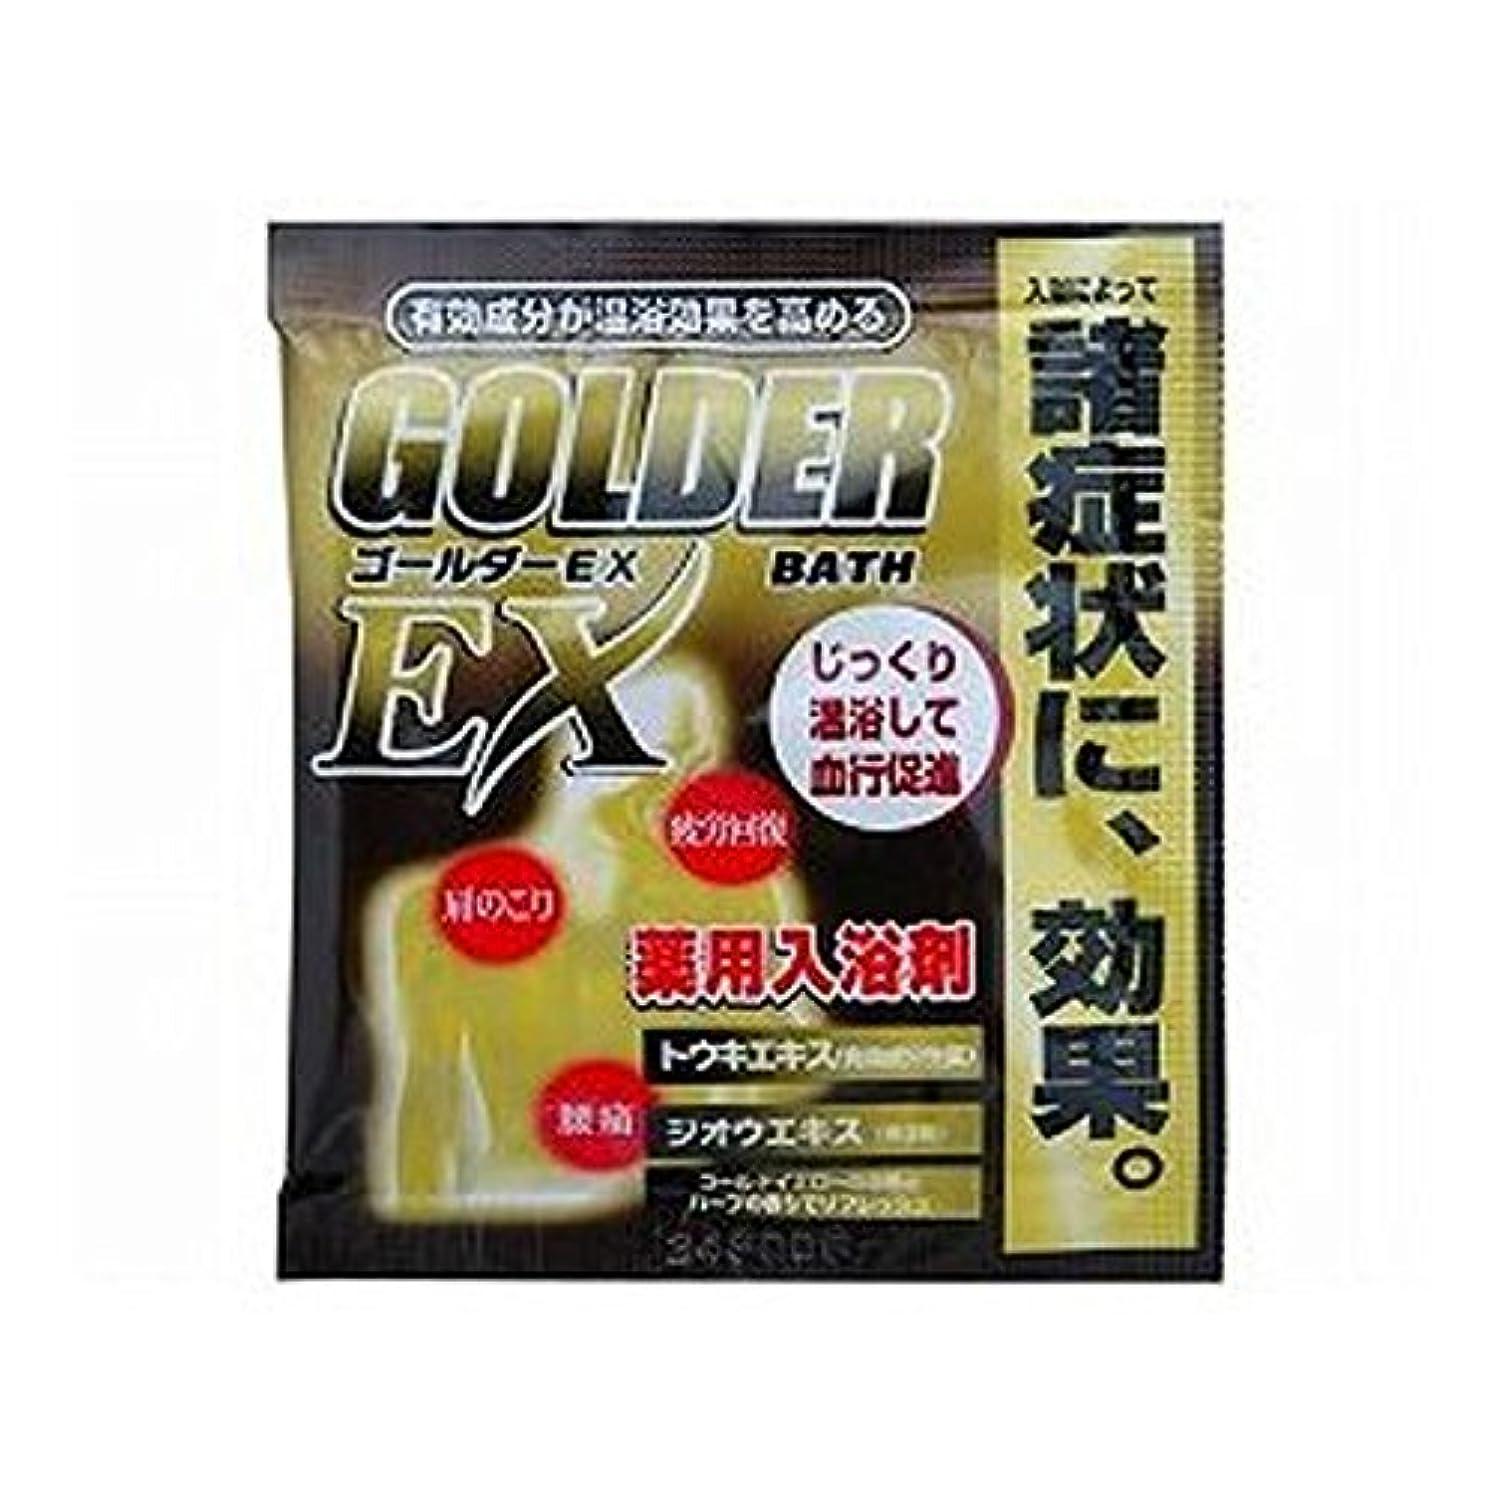 登るピケかび臭いゴールダーEX 25g(入浴剤)